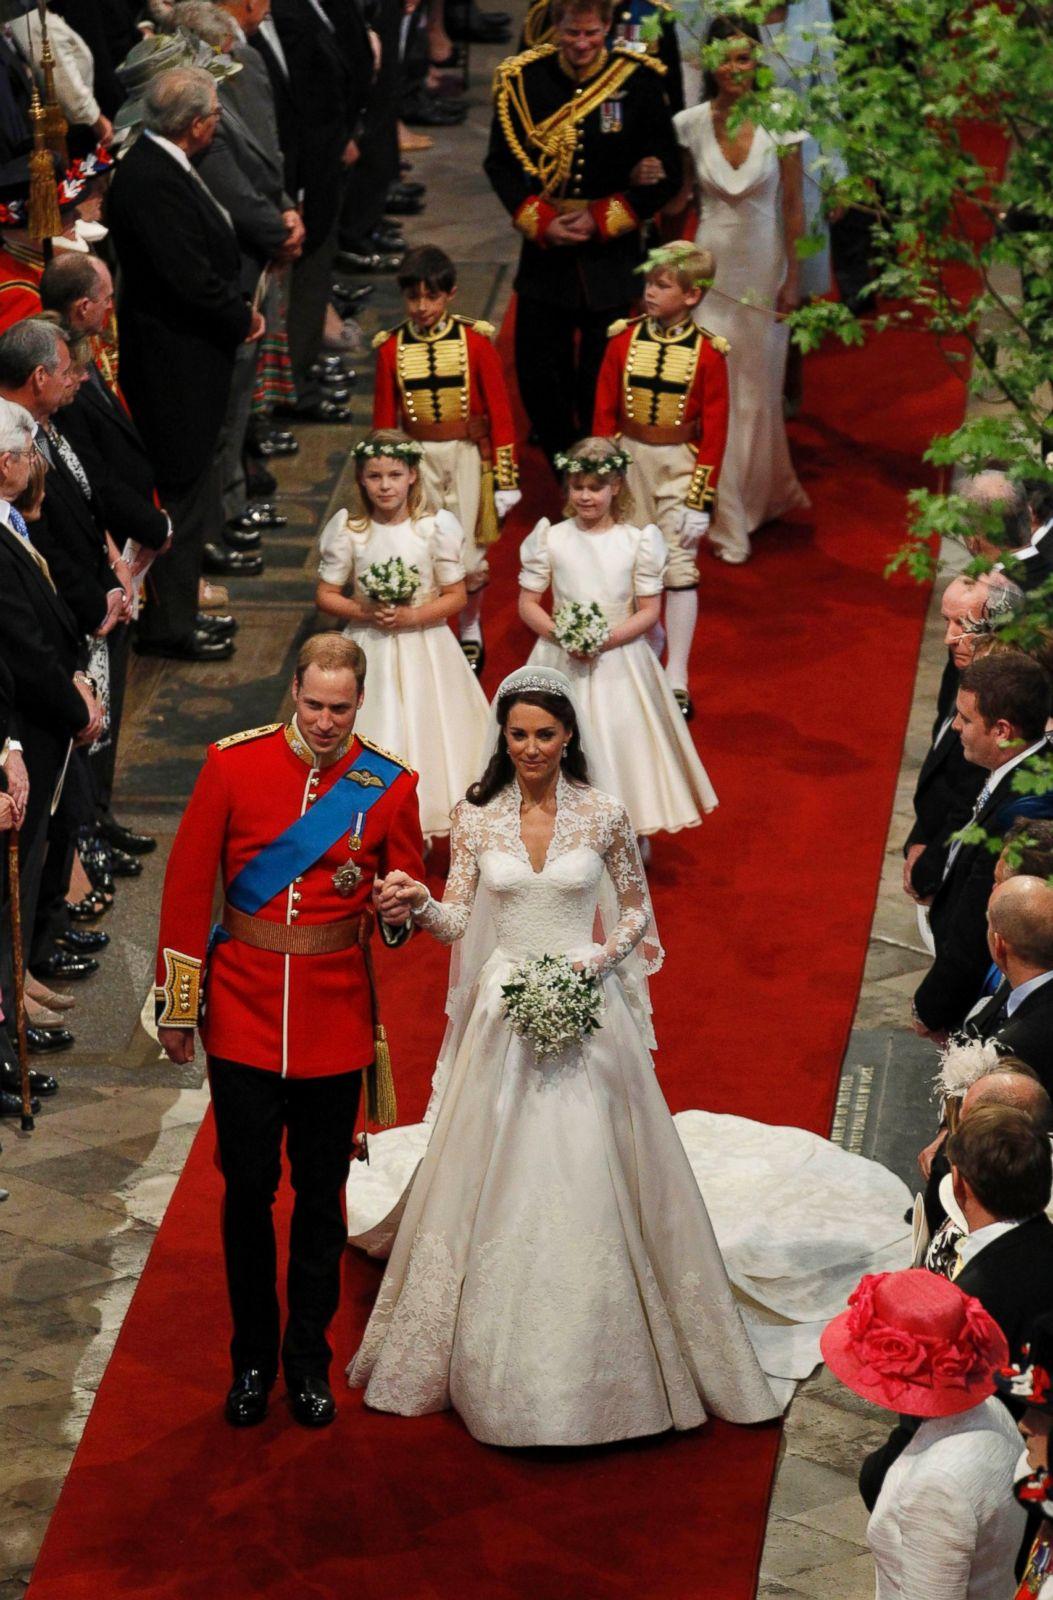 Meghan Markle and Prince Harry's royal wedding Royal wedding april 2018 photos